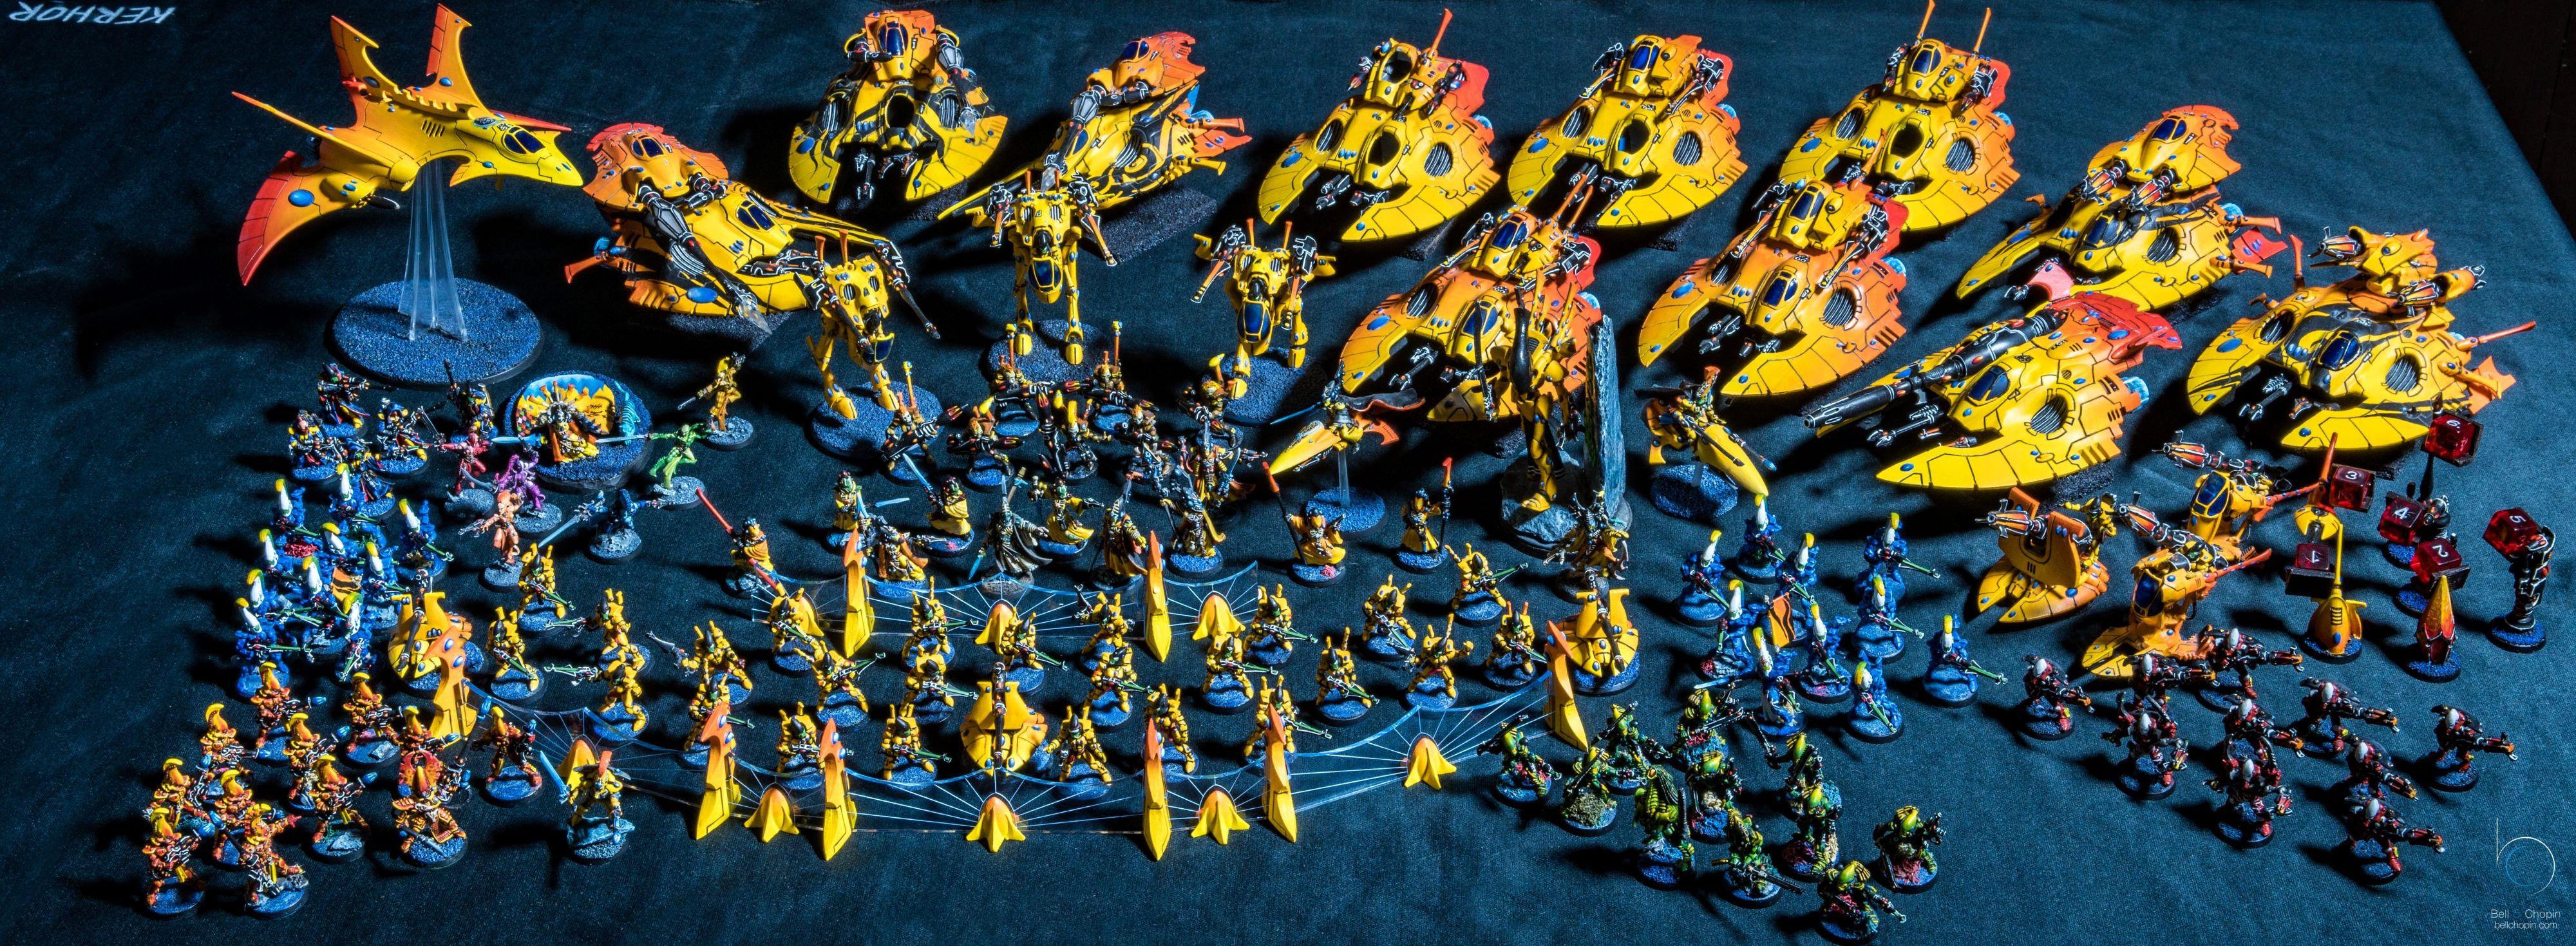 Eldar army Aeldari yellow